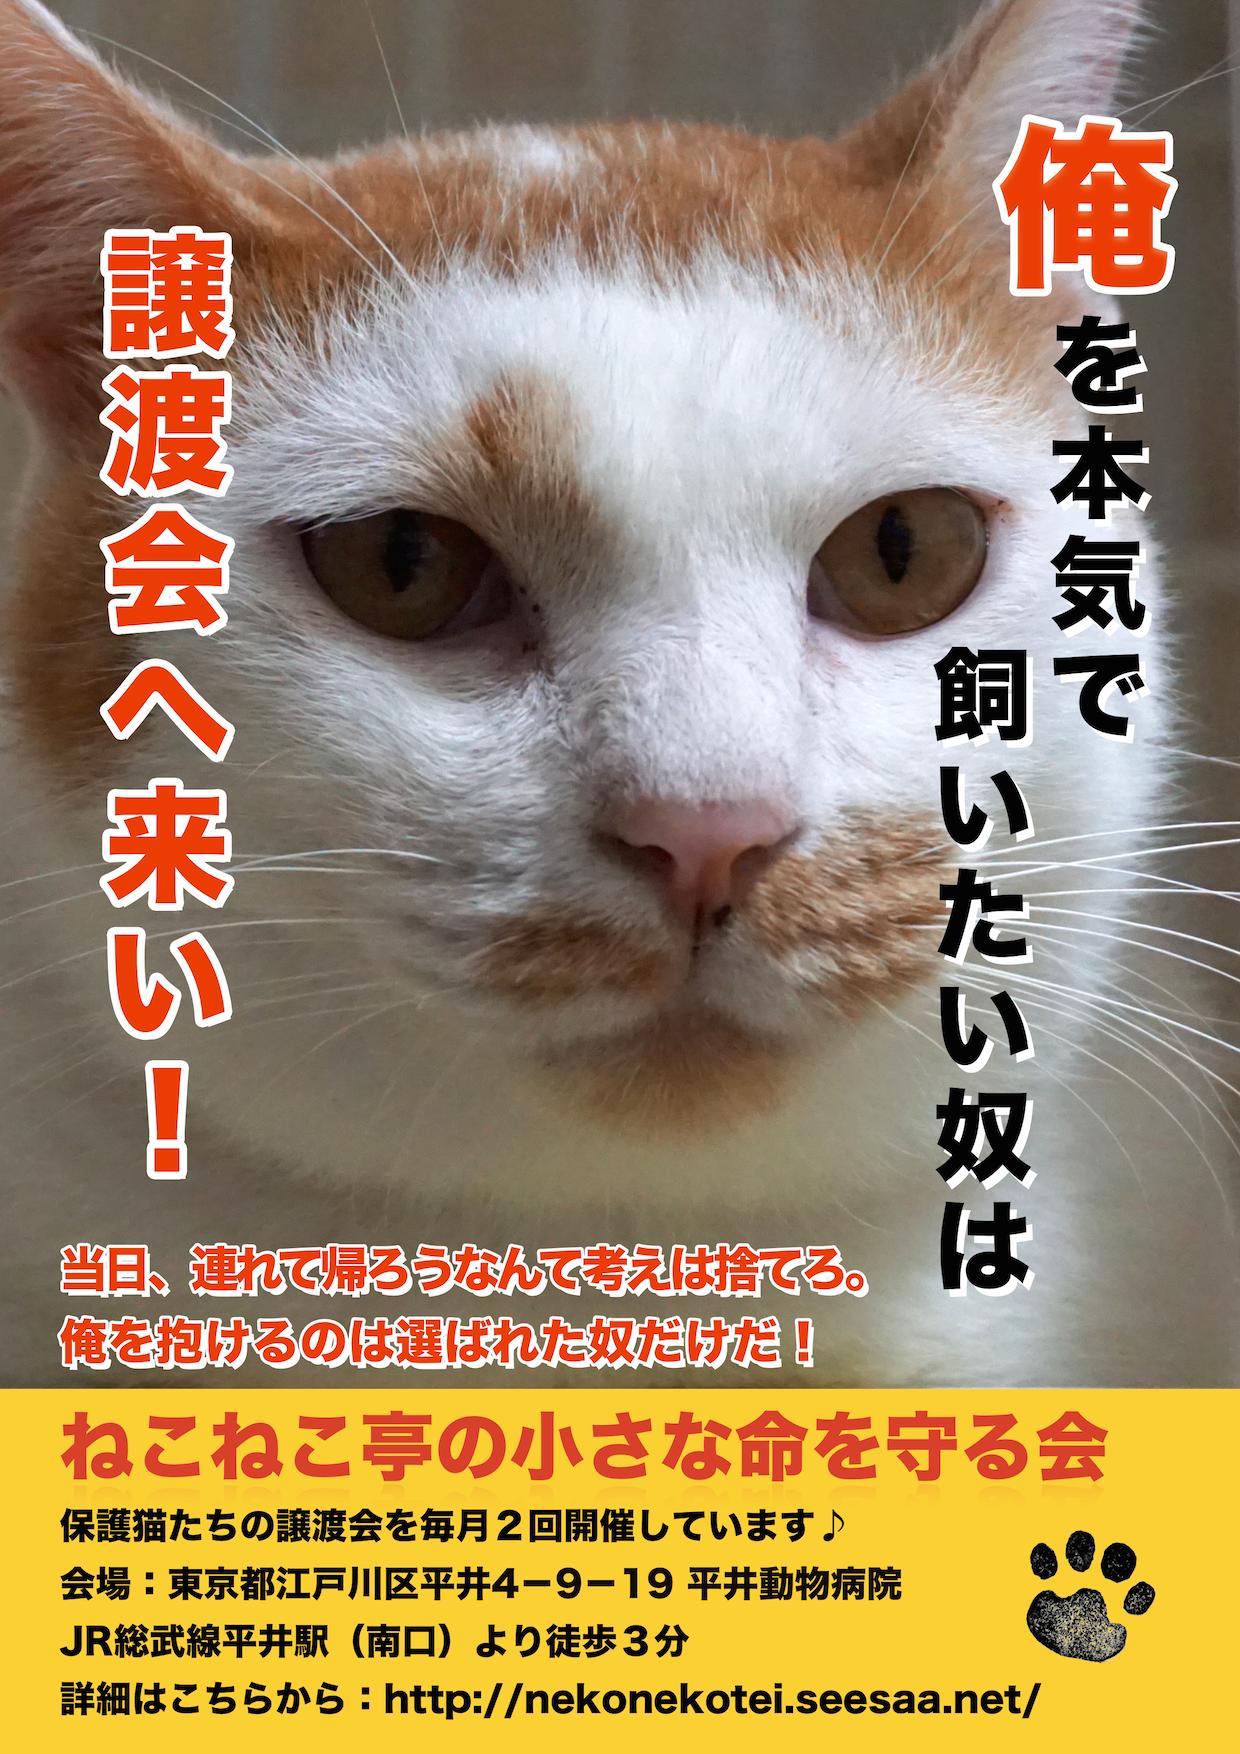 江戸川区平井:多頭飼育崩壊🚹カッパーくん:このポスターで、日本一有名になった男❣️